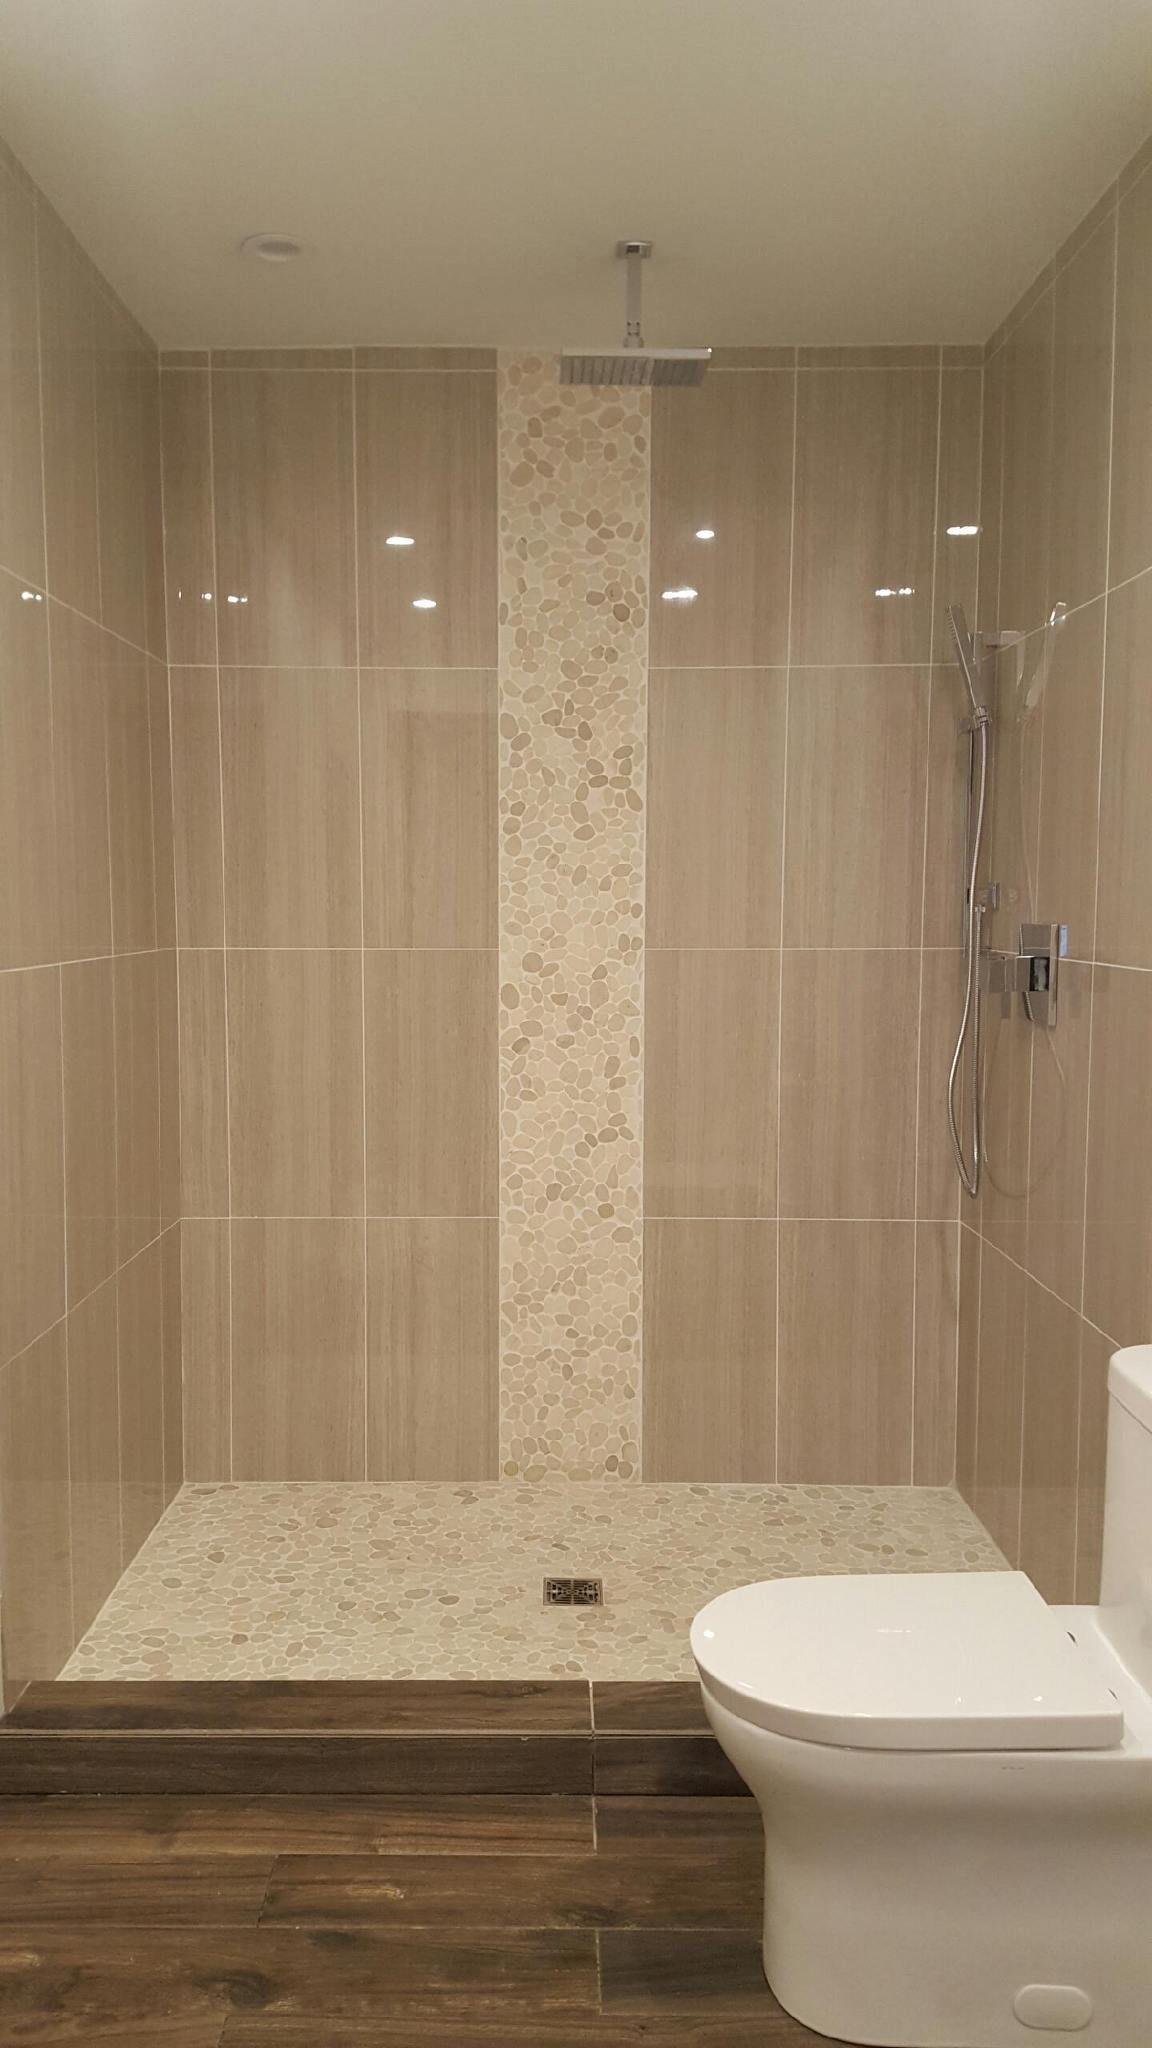 Sliced White Pebble Tile Bathroom Remodel Shower Master Bathroom Shower Small Bathroom Remodel